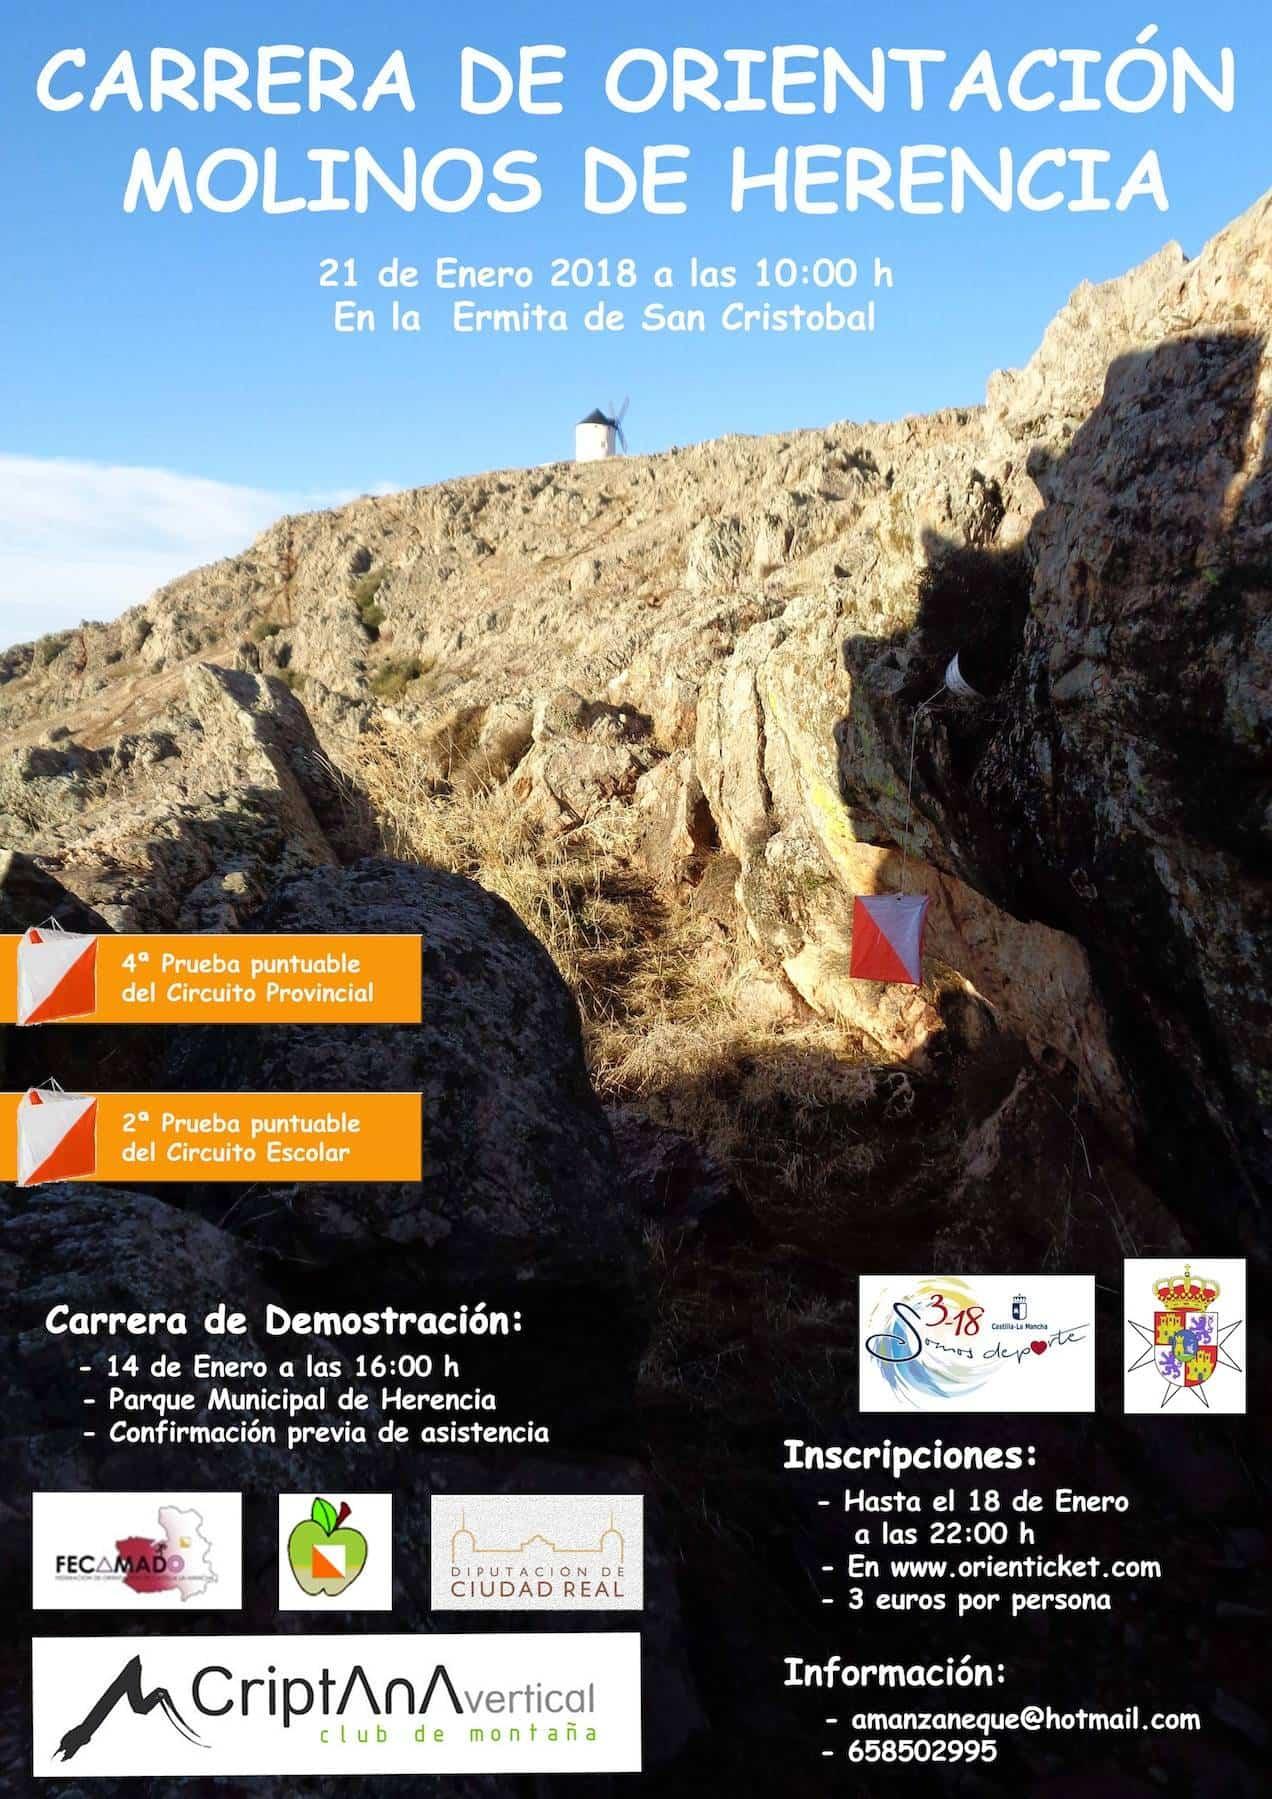 carrera orientacion molinos herencia - Carrera de orientación: Molinos de Herencia